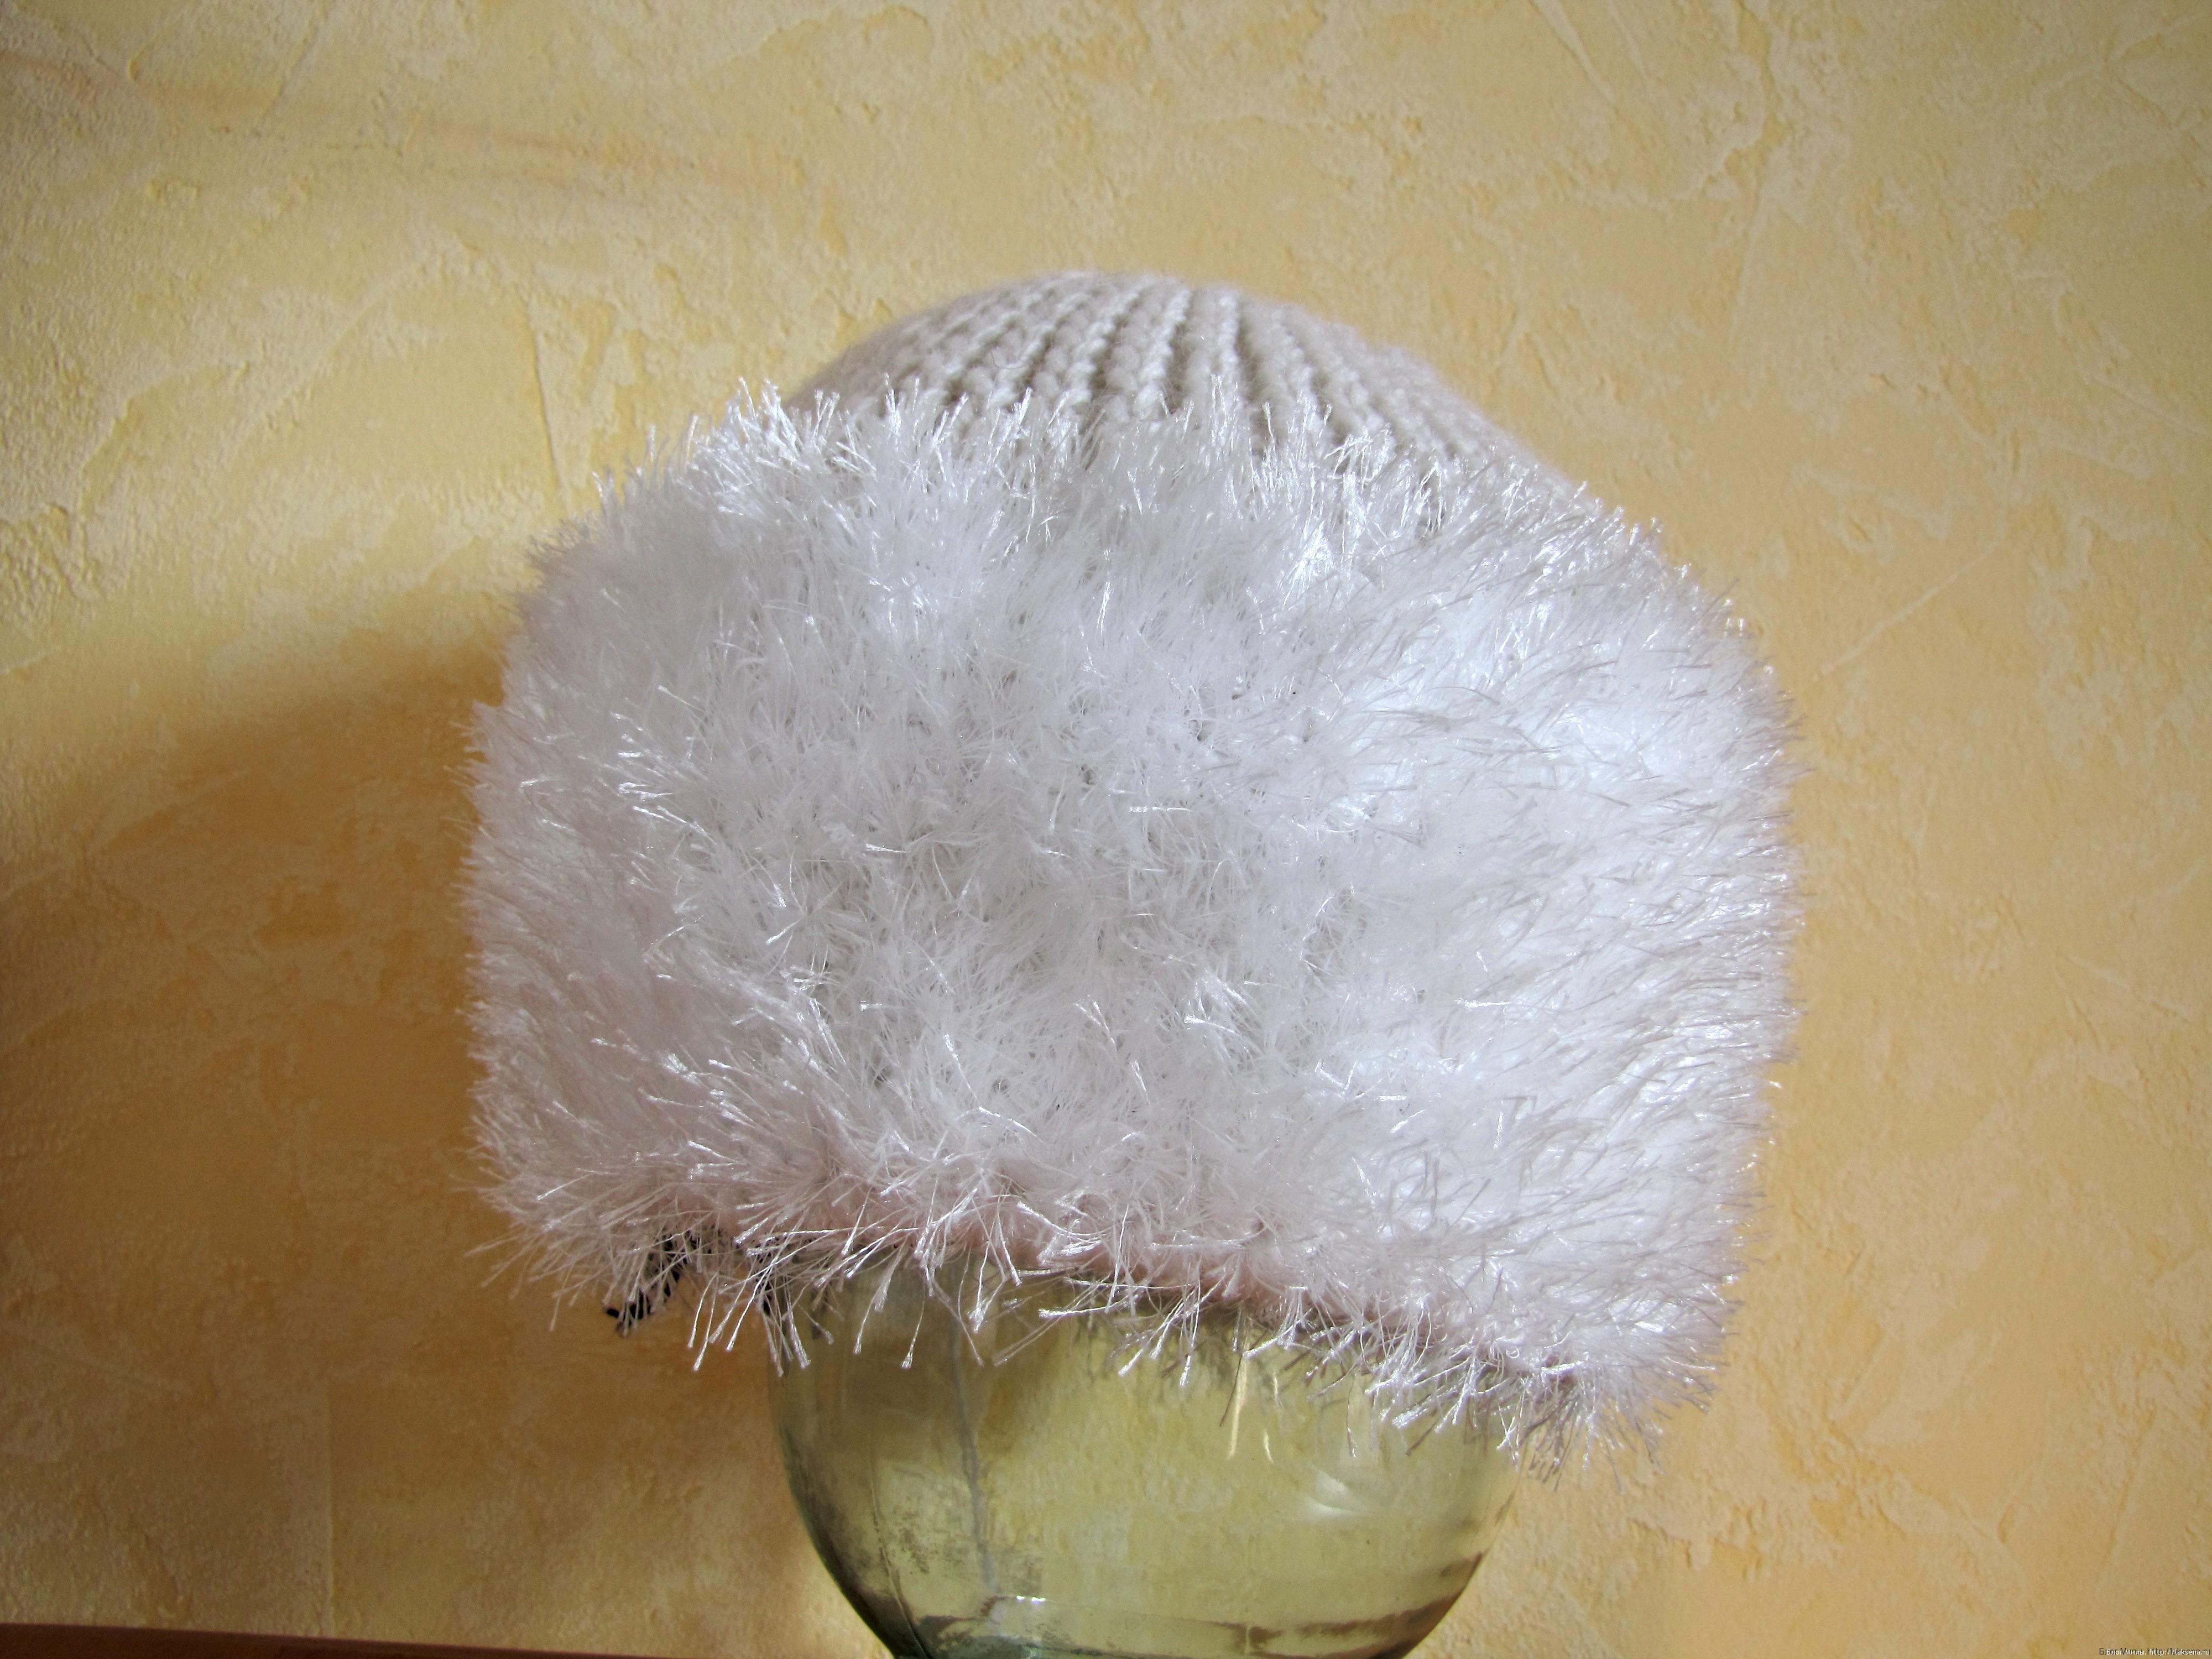 шапки вязанные из травки с описанием - 5